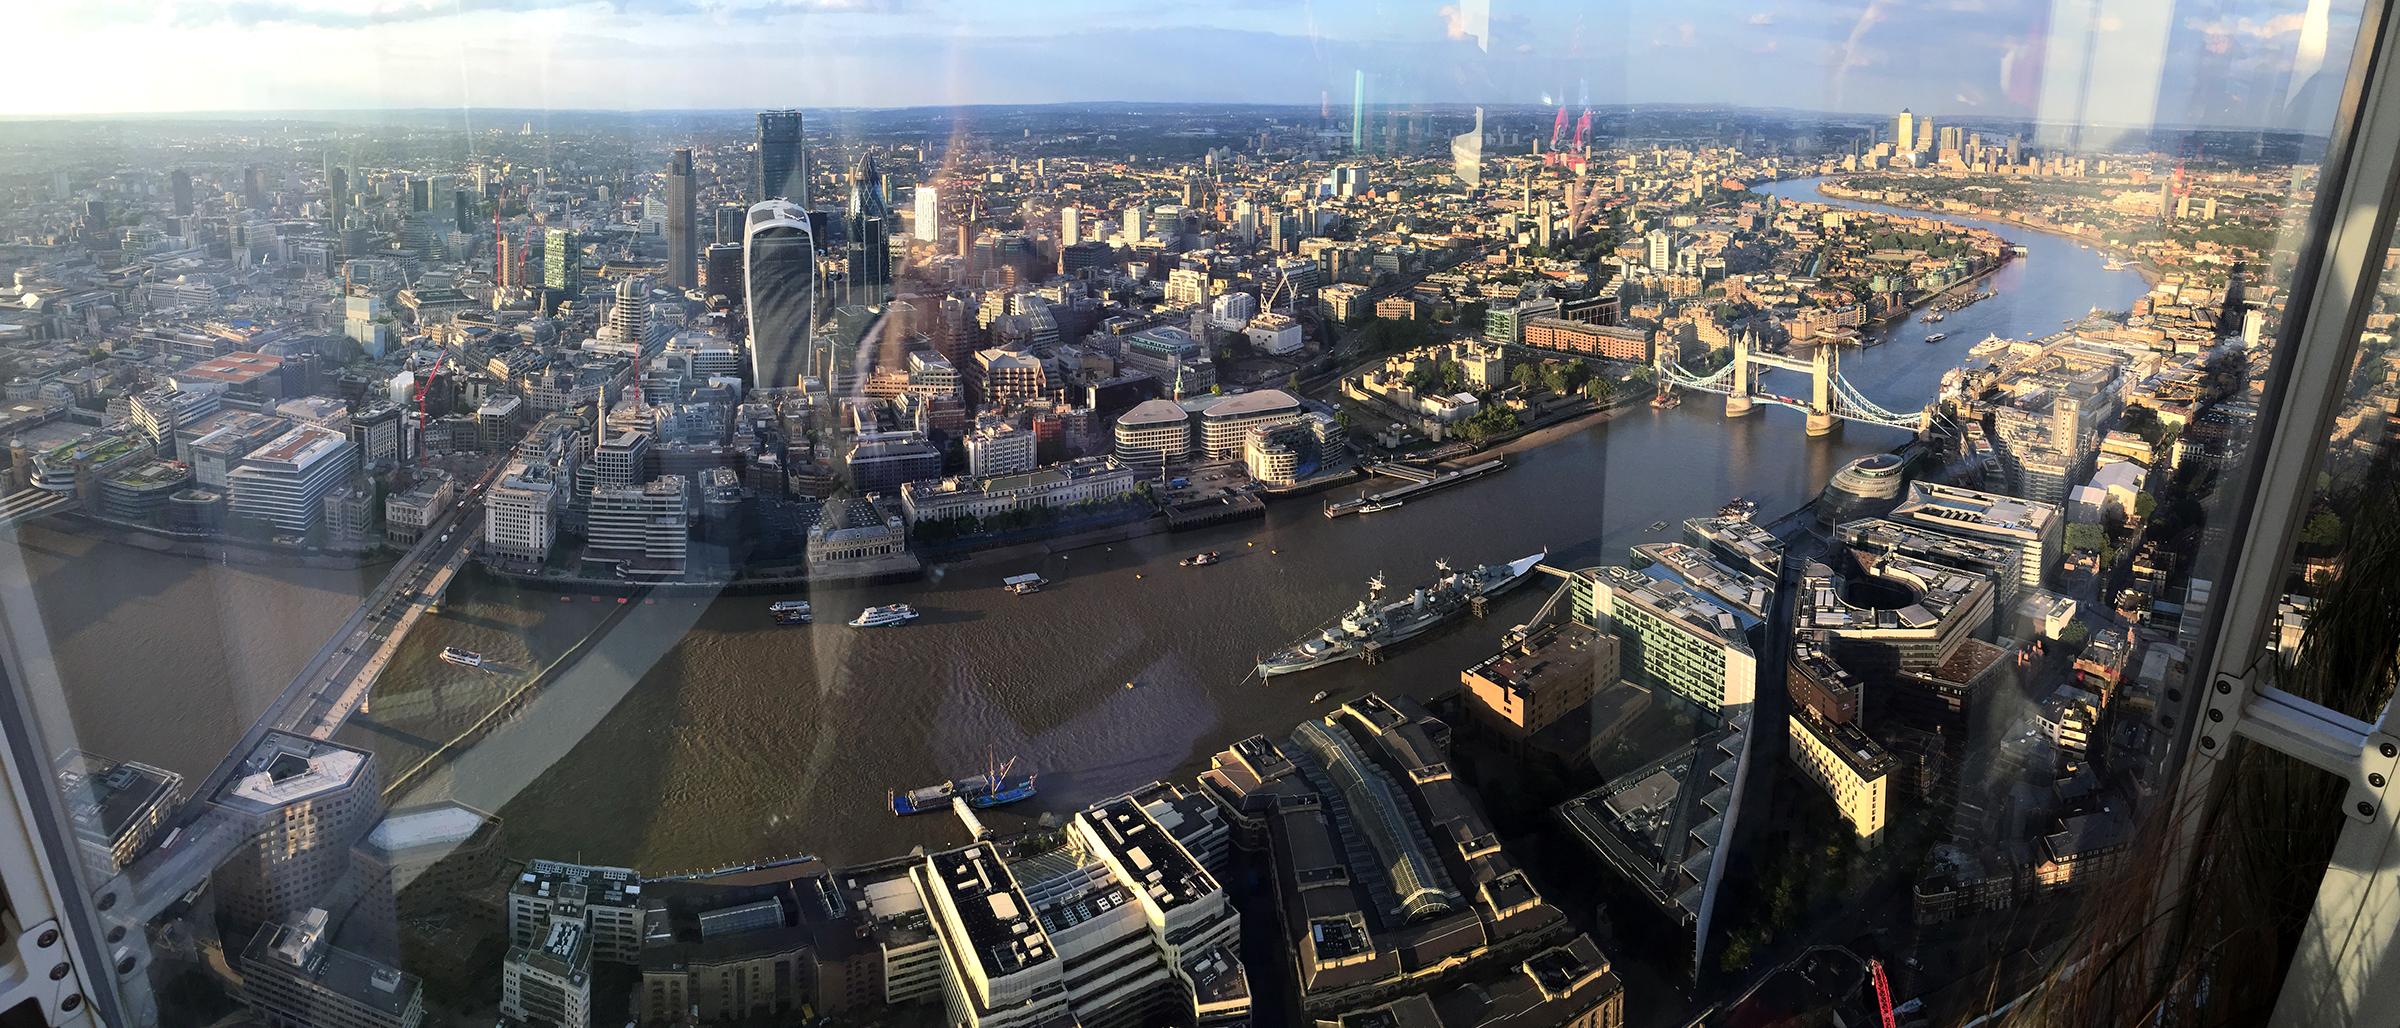 Viajar de París a Londres: Vista del Támesis desde The Shard en Londres viajar de parís a londres - 24300150465 f5b8a95100 o - Viajar de París a Londres en coche y con perro